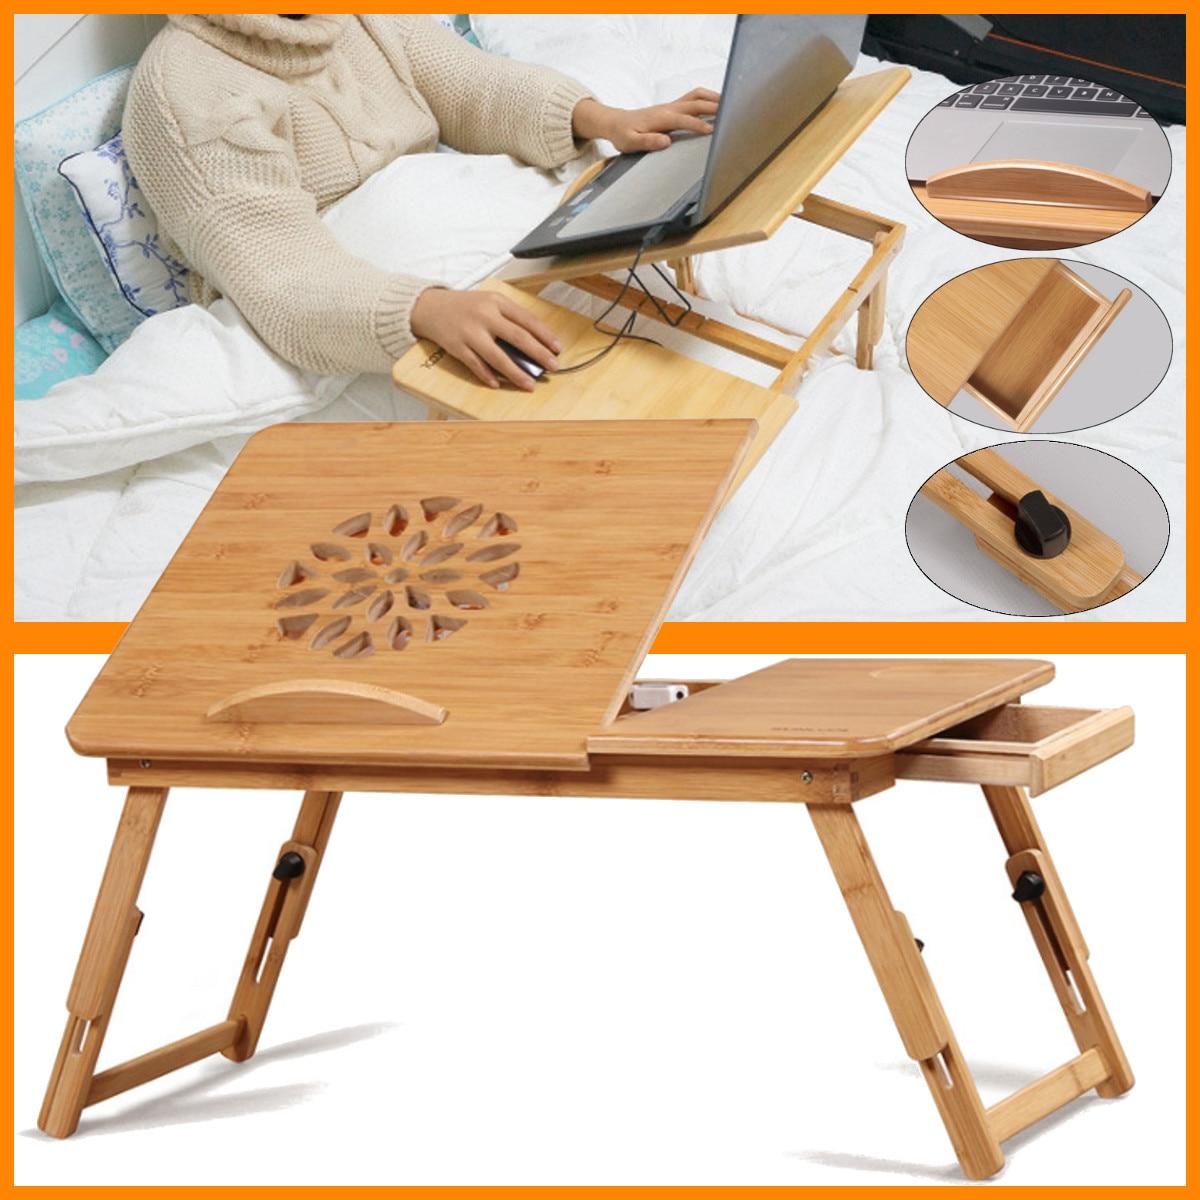 Soporte ajustable para ordenador portátil escritorio Notebook escritorio portátil mesa para cama sofá cama bandeja Picnic mesa de estudio